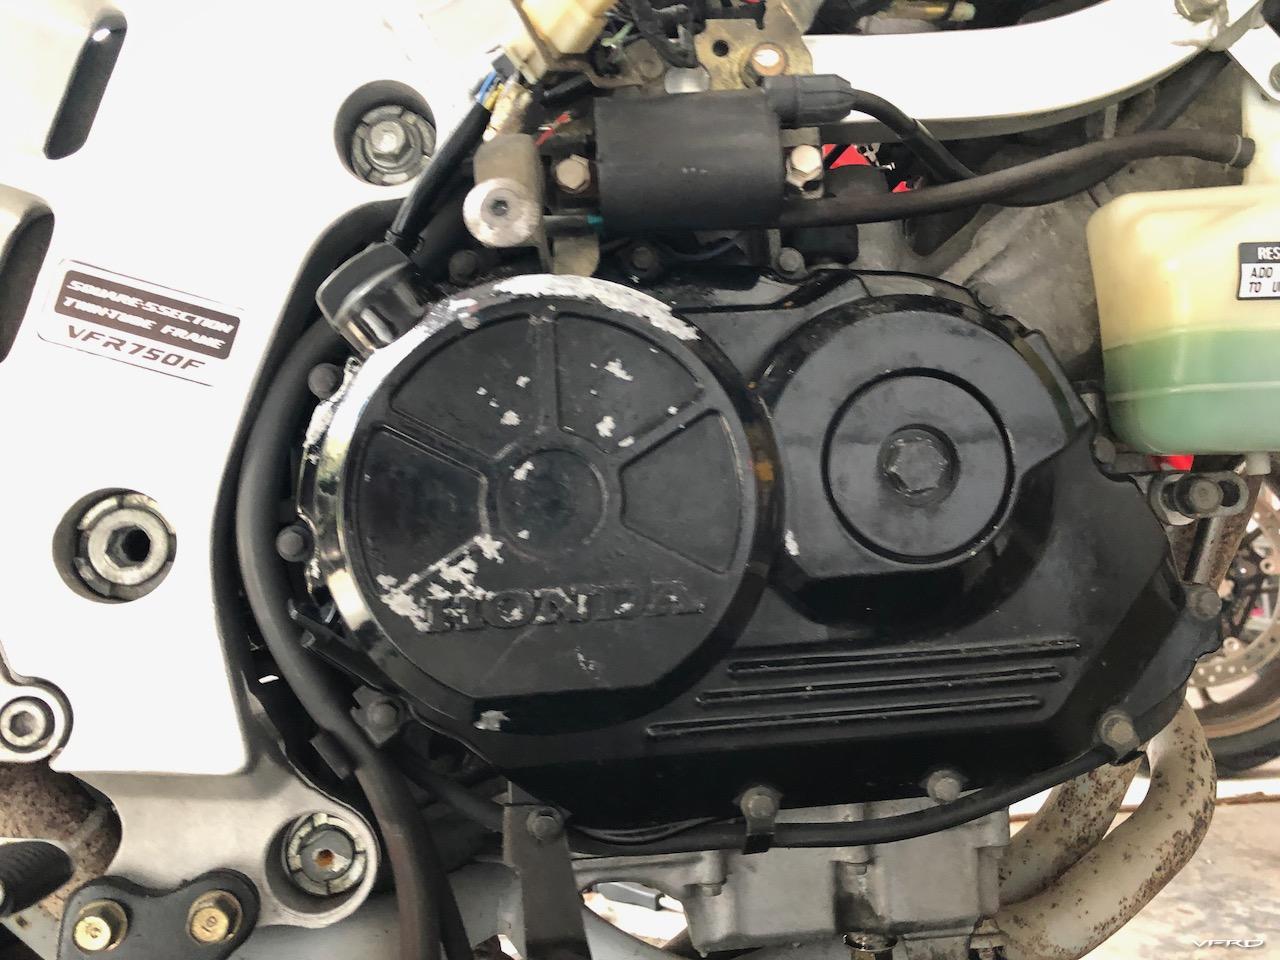 VFR750 Engine Case before restoration